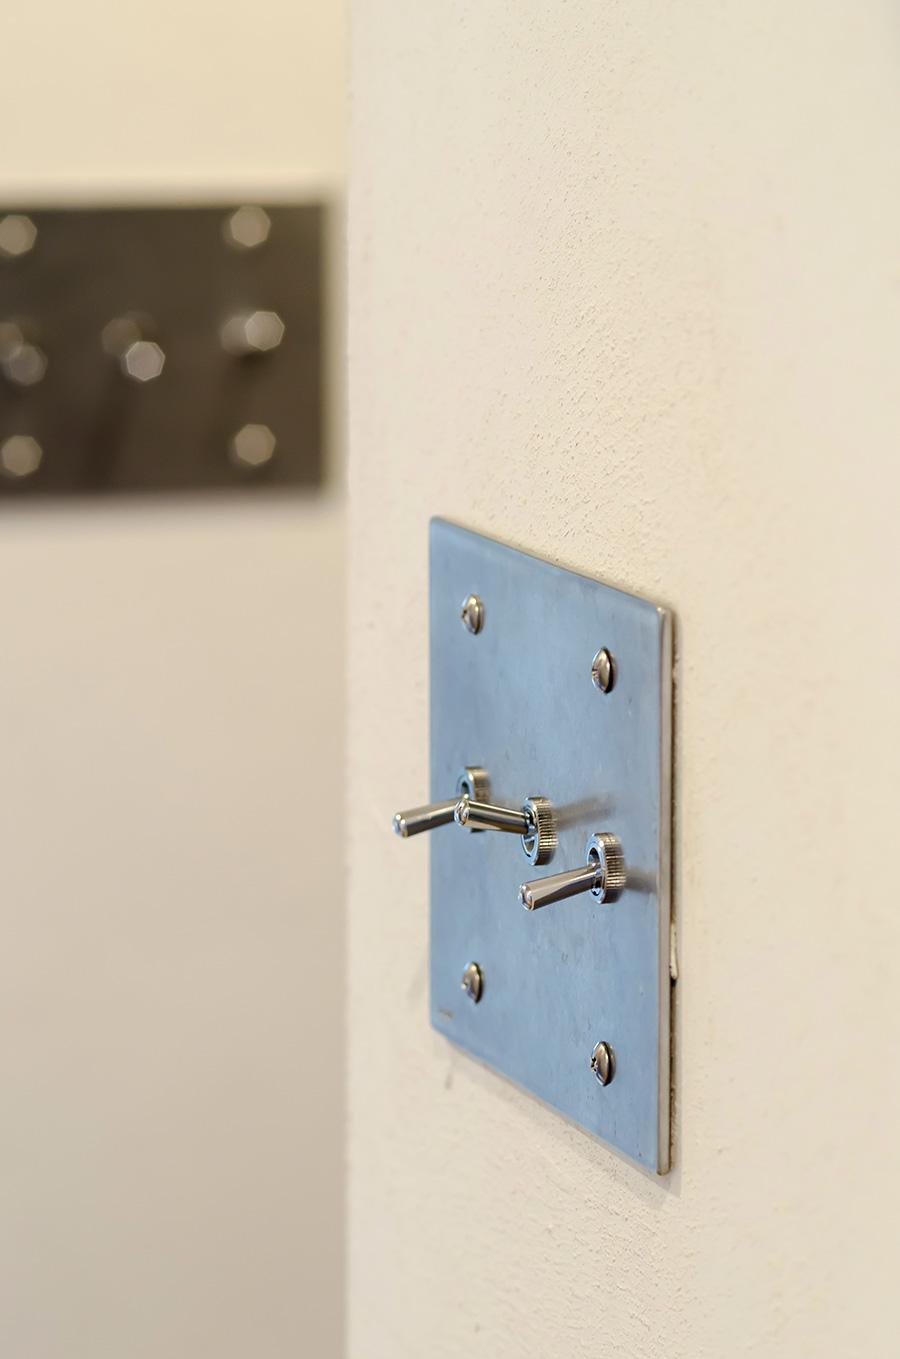 工業的デザインのトグルスイッチは「toolbox」で購入した。